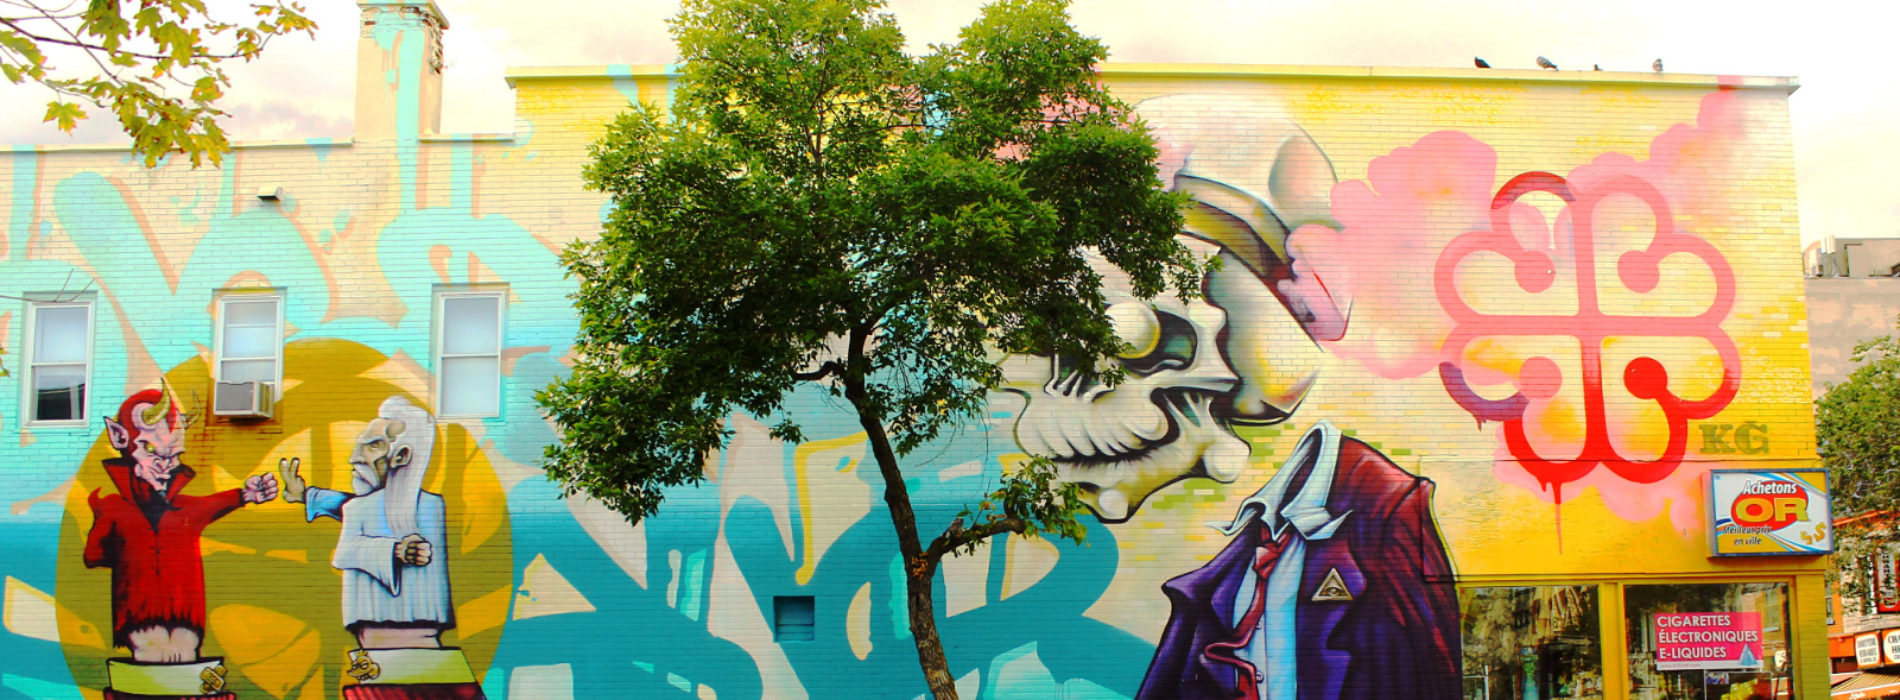 15 oeuvres de street art pour découvrir Montréal